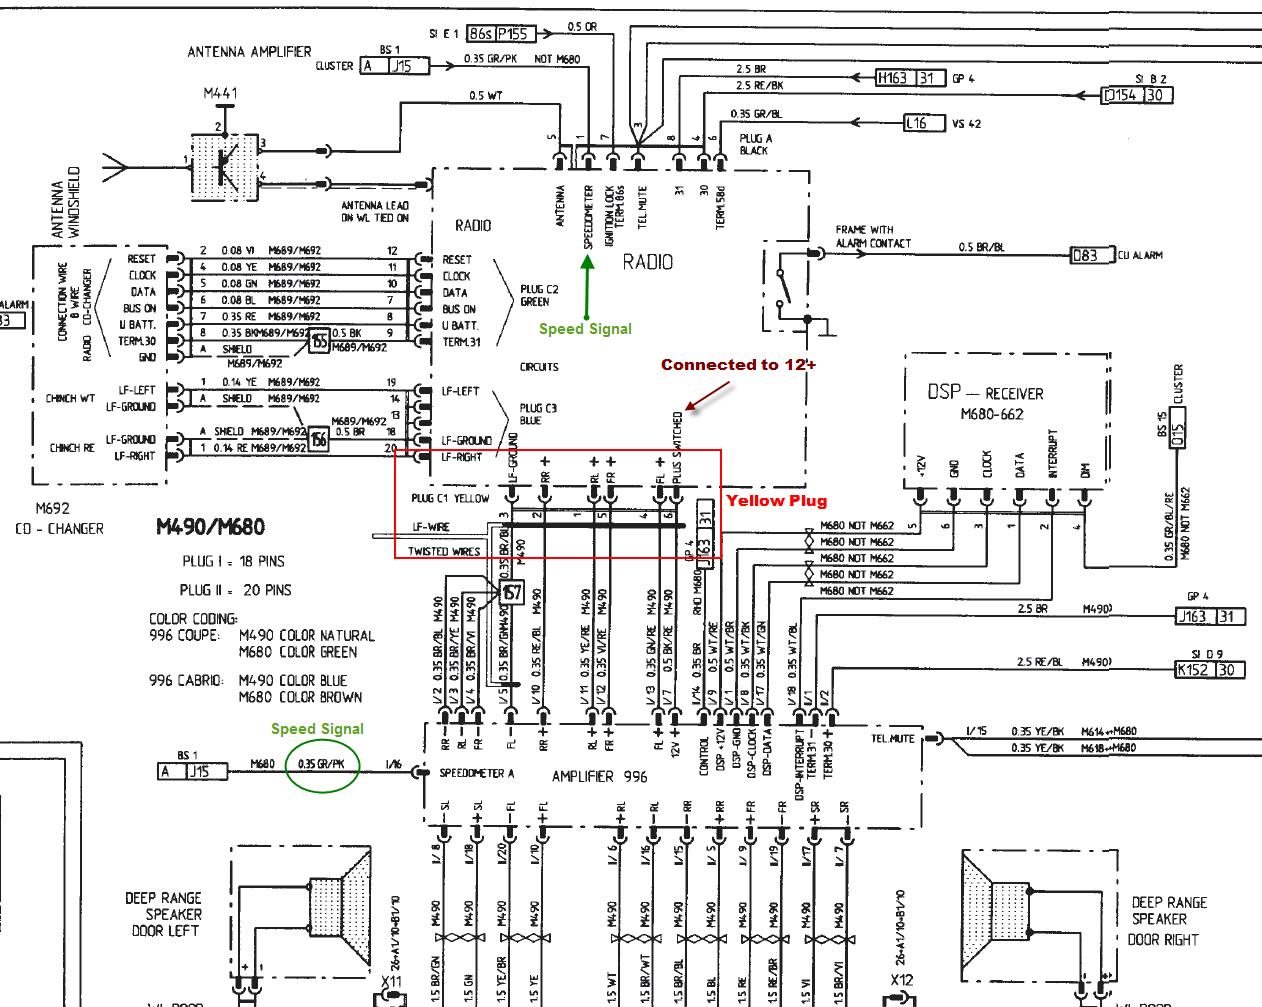 pioneer appradio wiring diagram wiring diagram u2022 rh growbyte co Pioneer AppRadio 2 Rear Pioneer AppRadio 2 Firmware Update